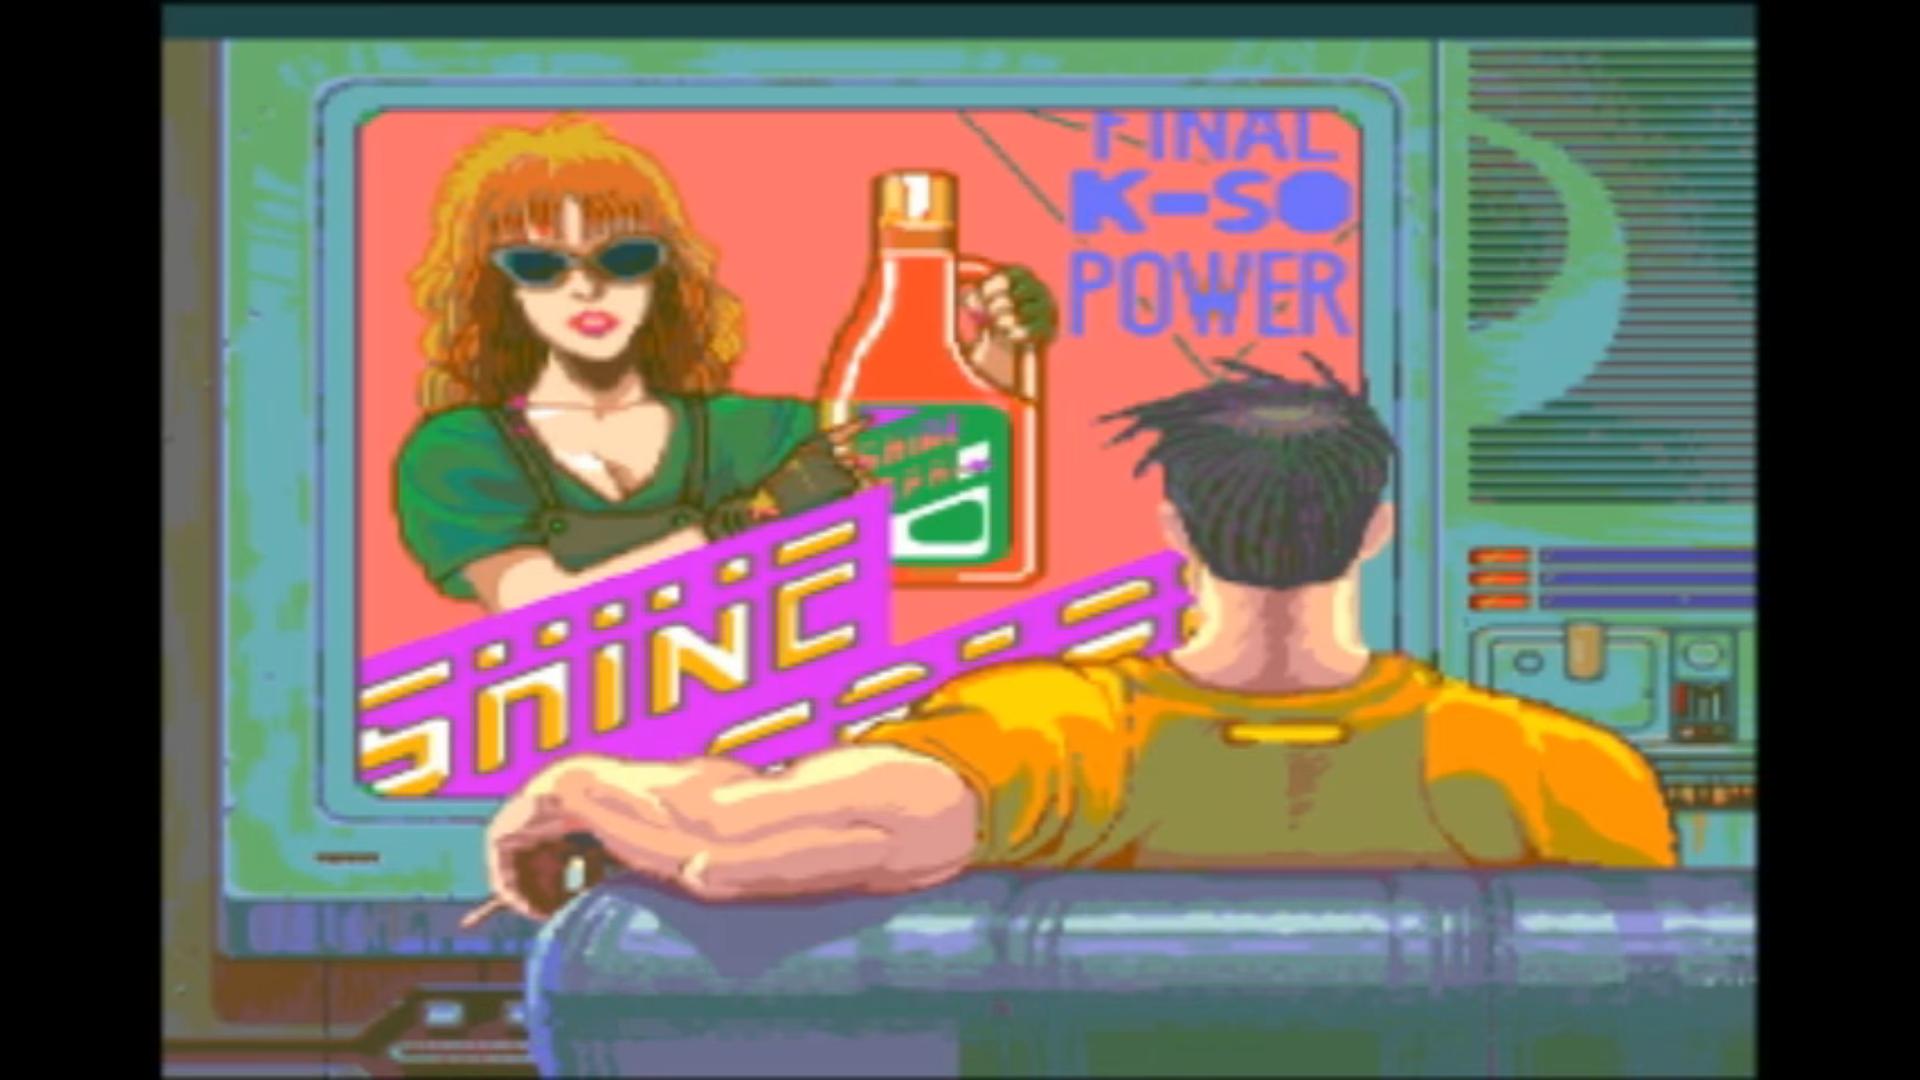 De quel jeu vient ce screen ?? 180902115702420180